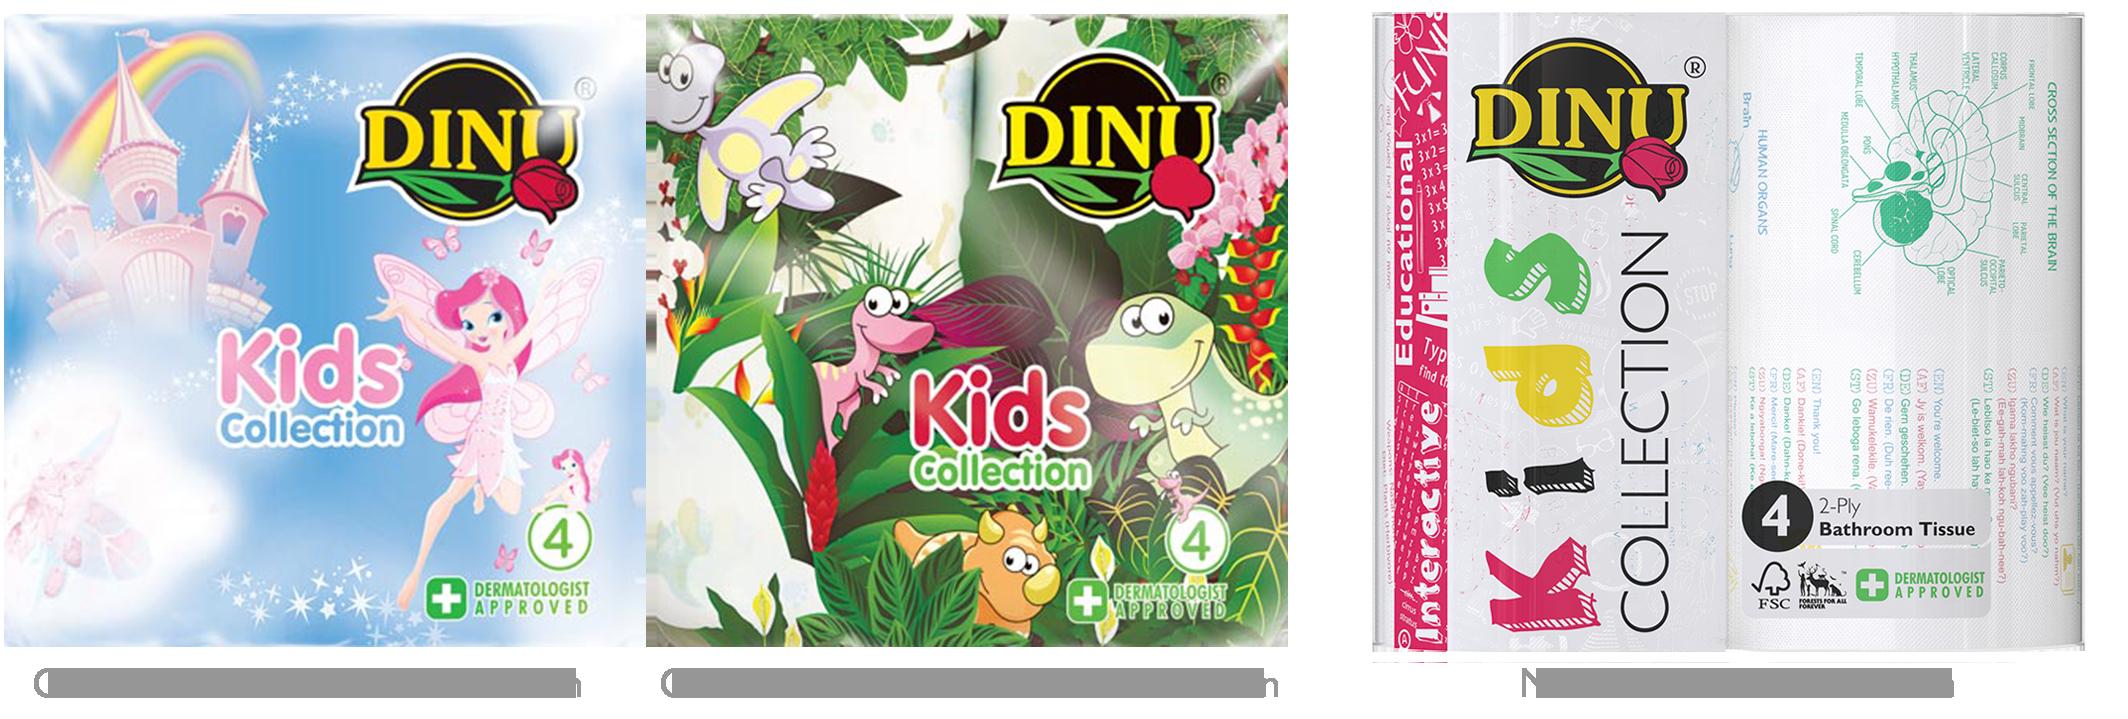 Dinu Kids Collection - Comparison